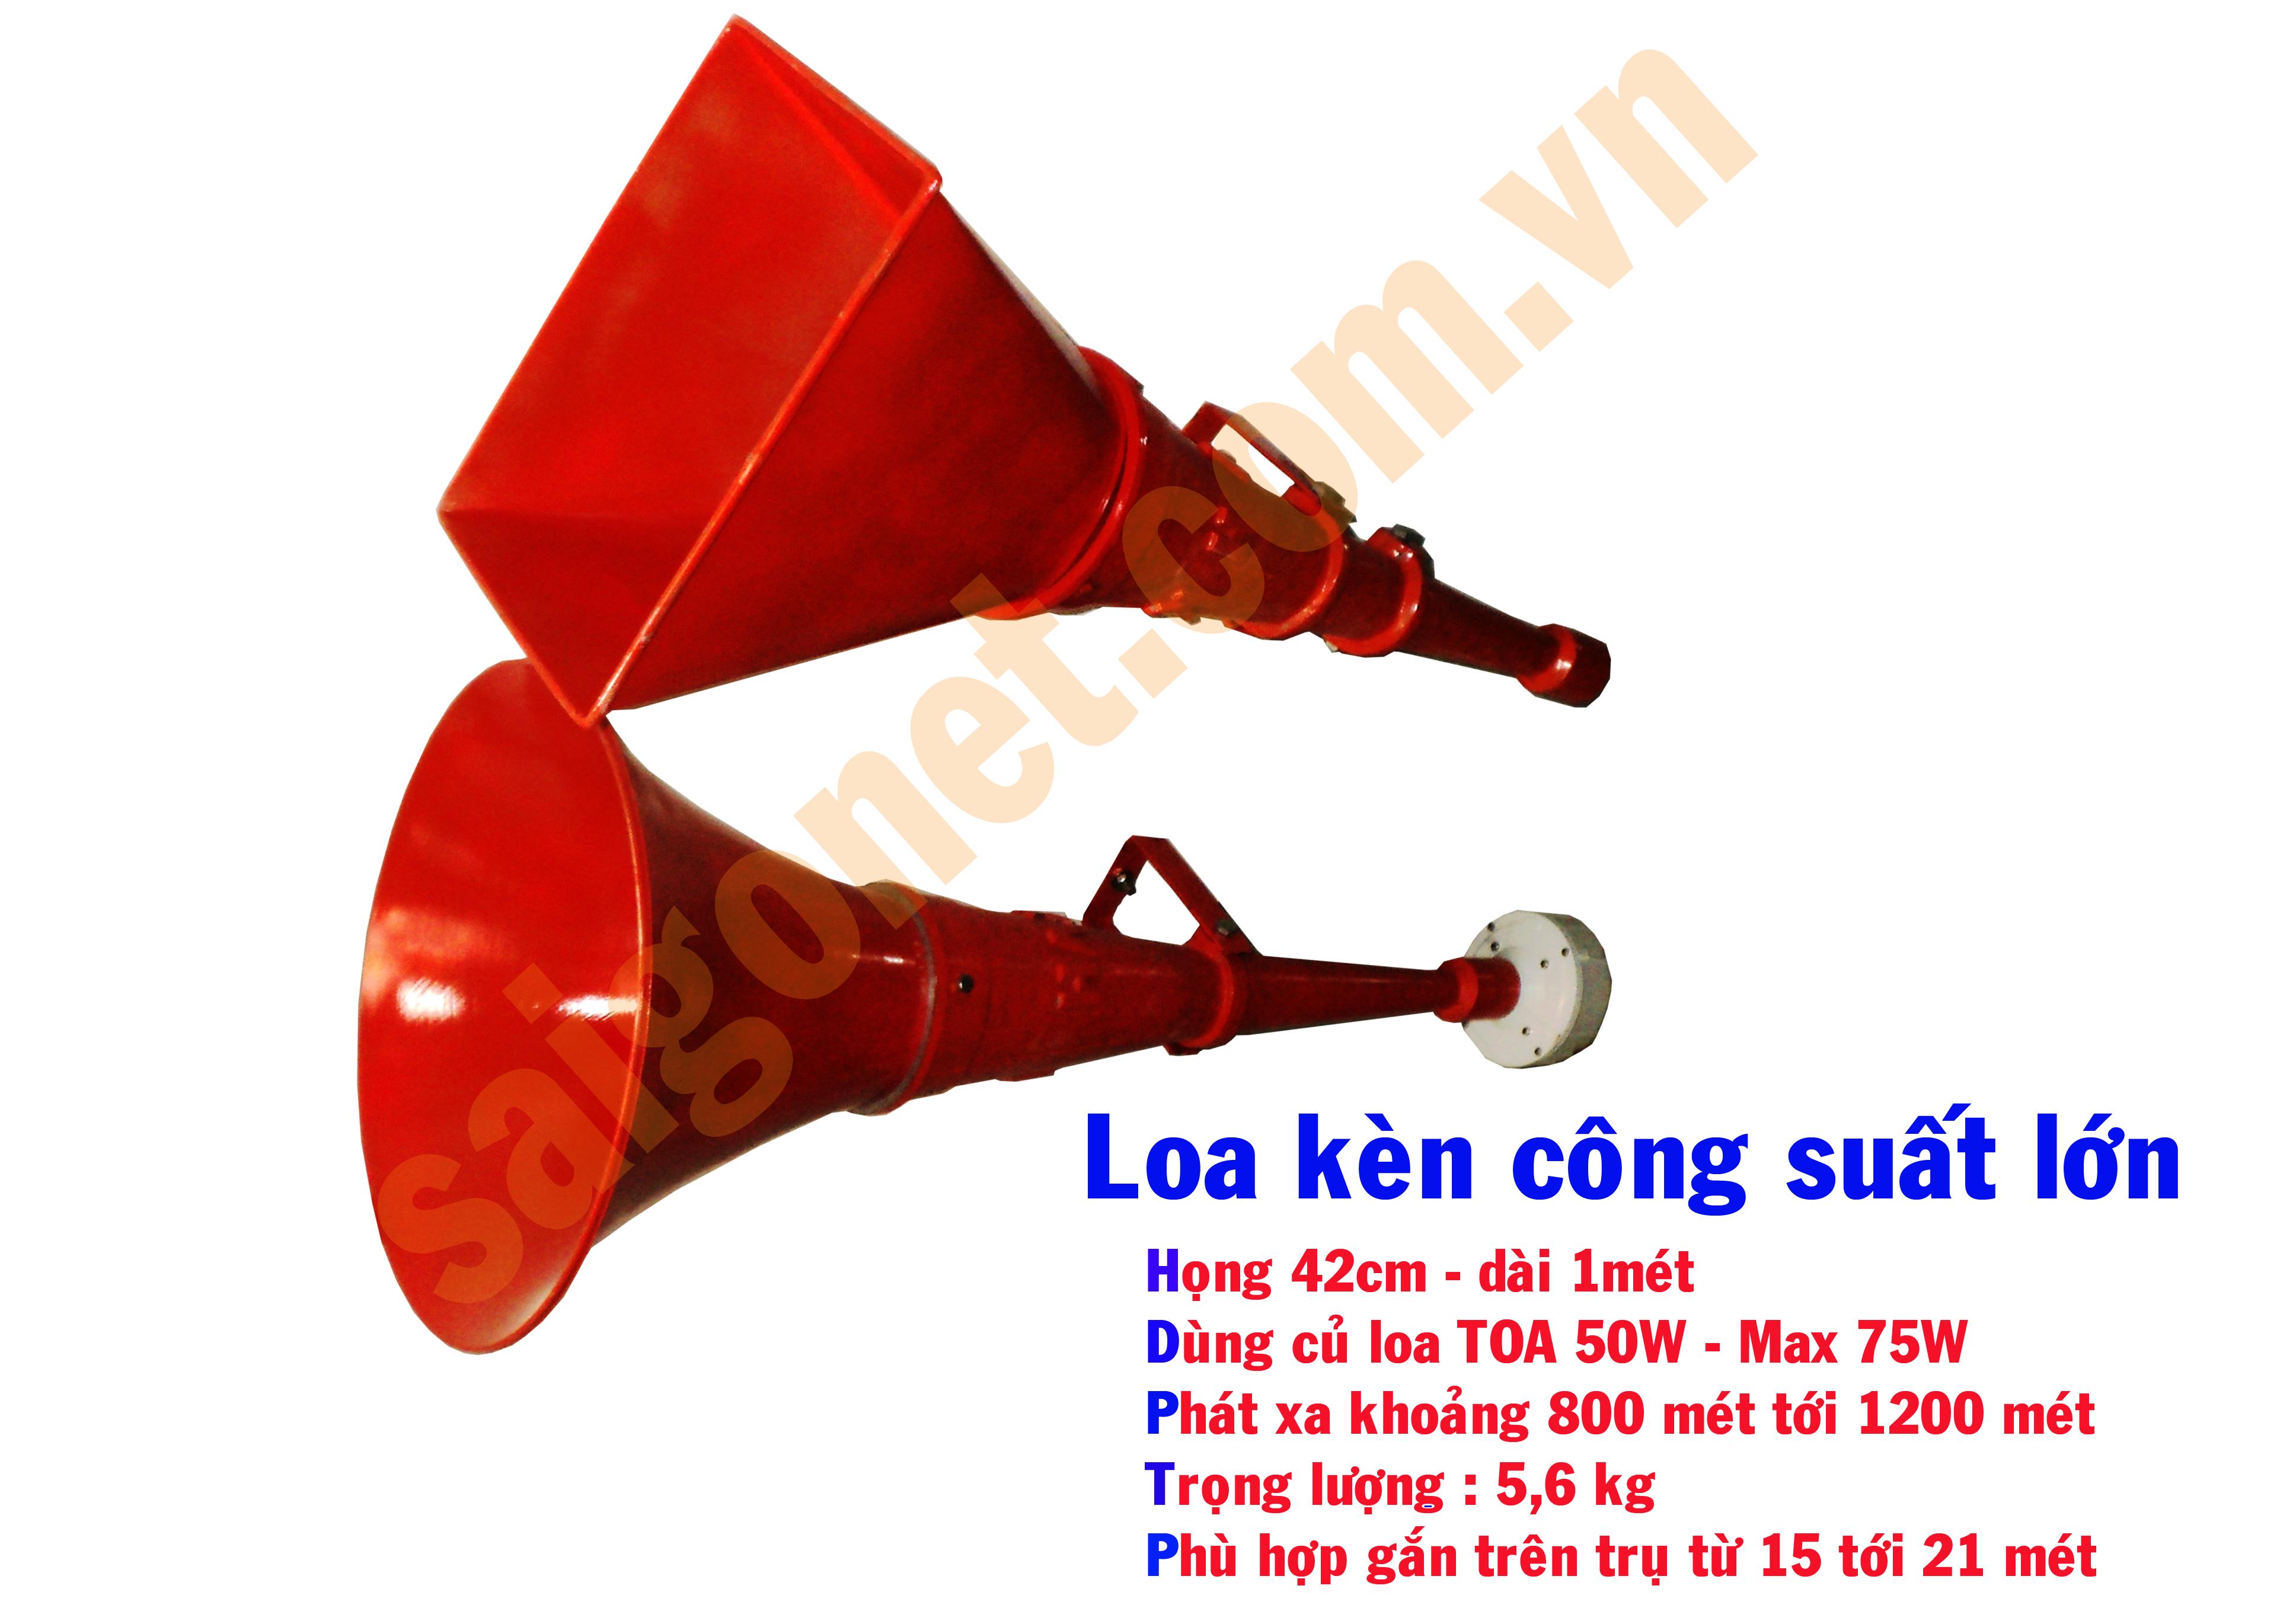 Loa kèn phát thanh 50W LK-50KVH